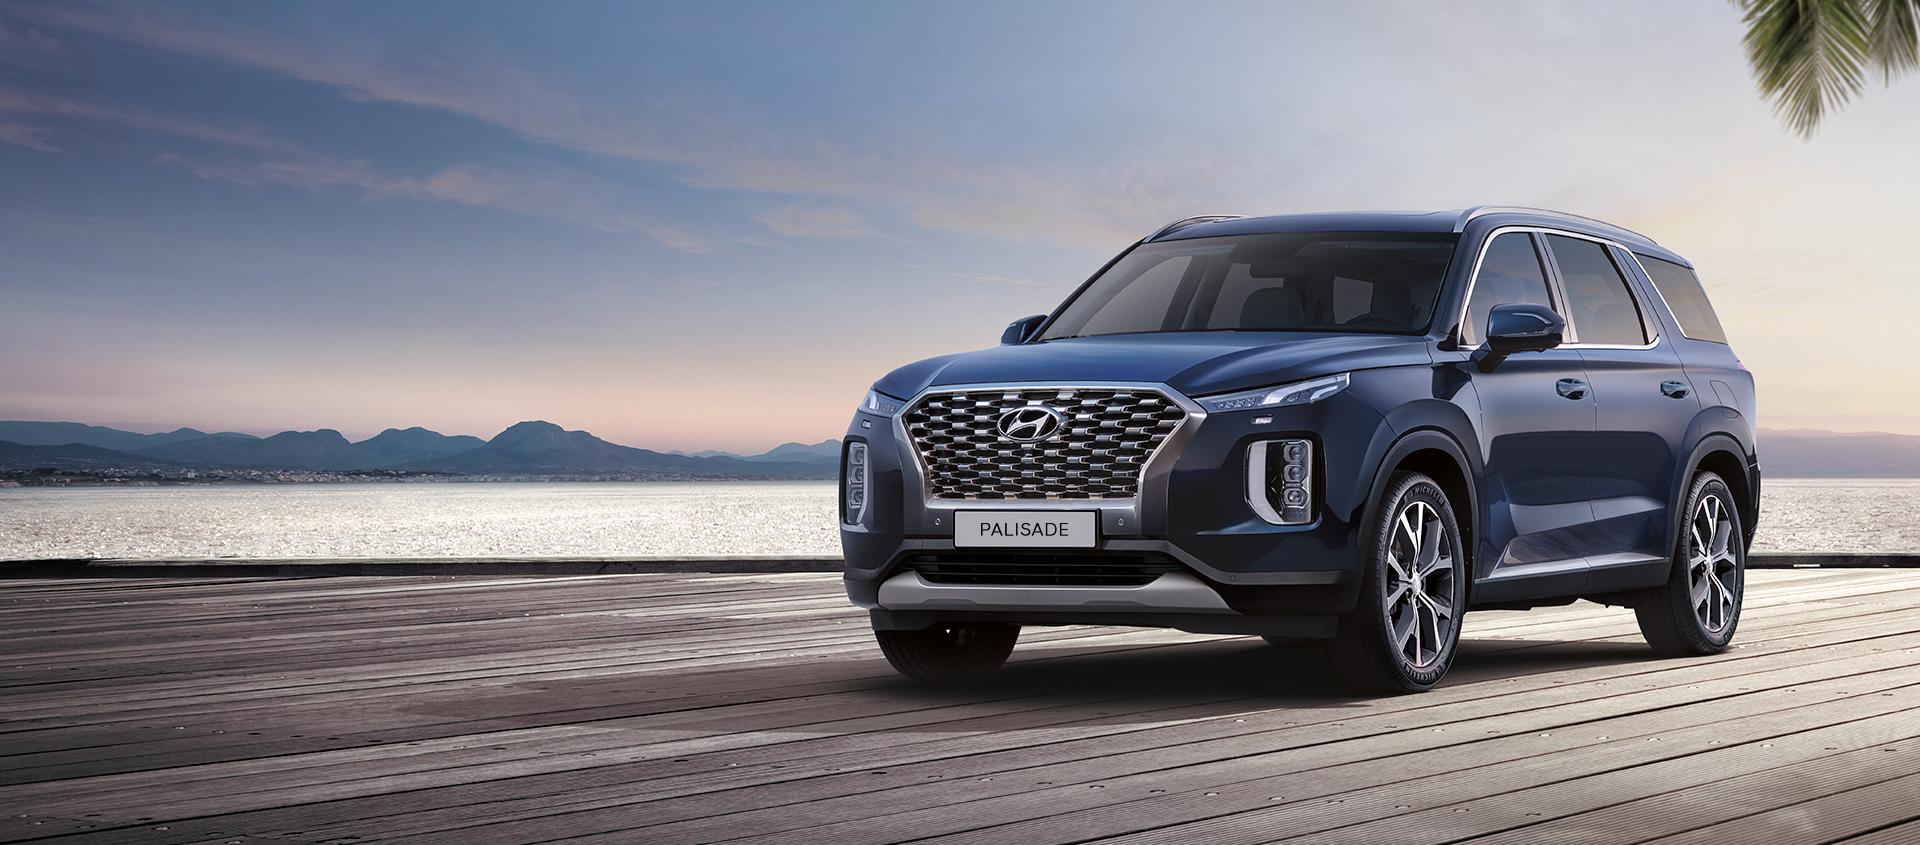 Hyundai - All-New PALISADE